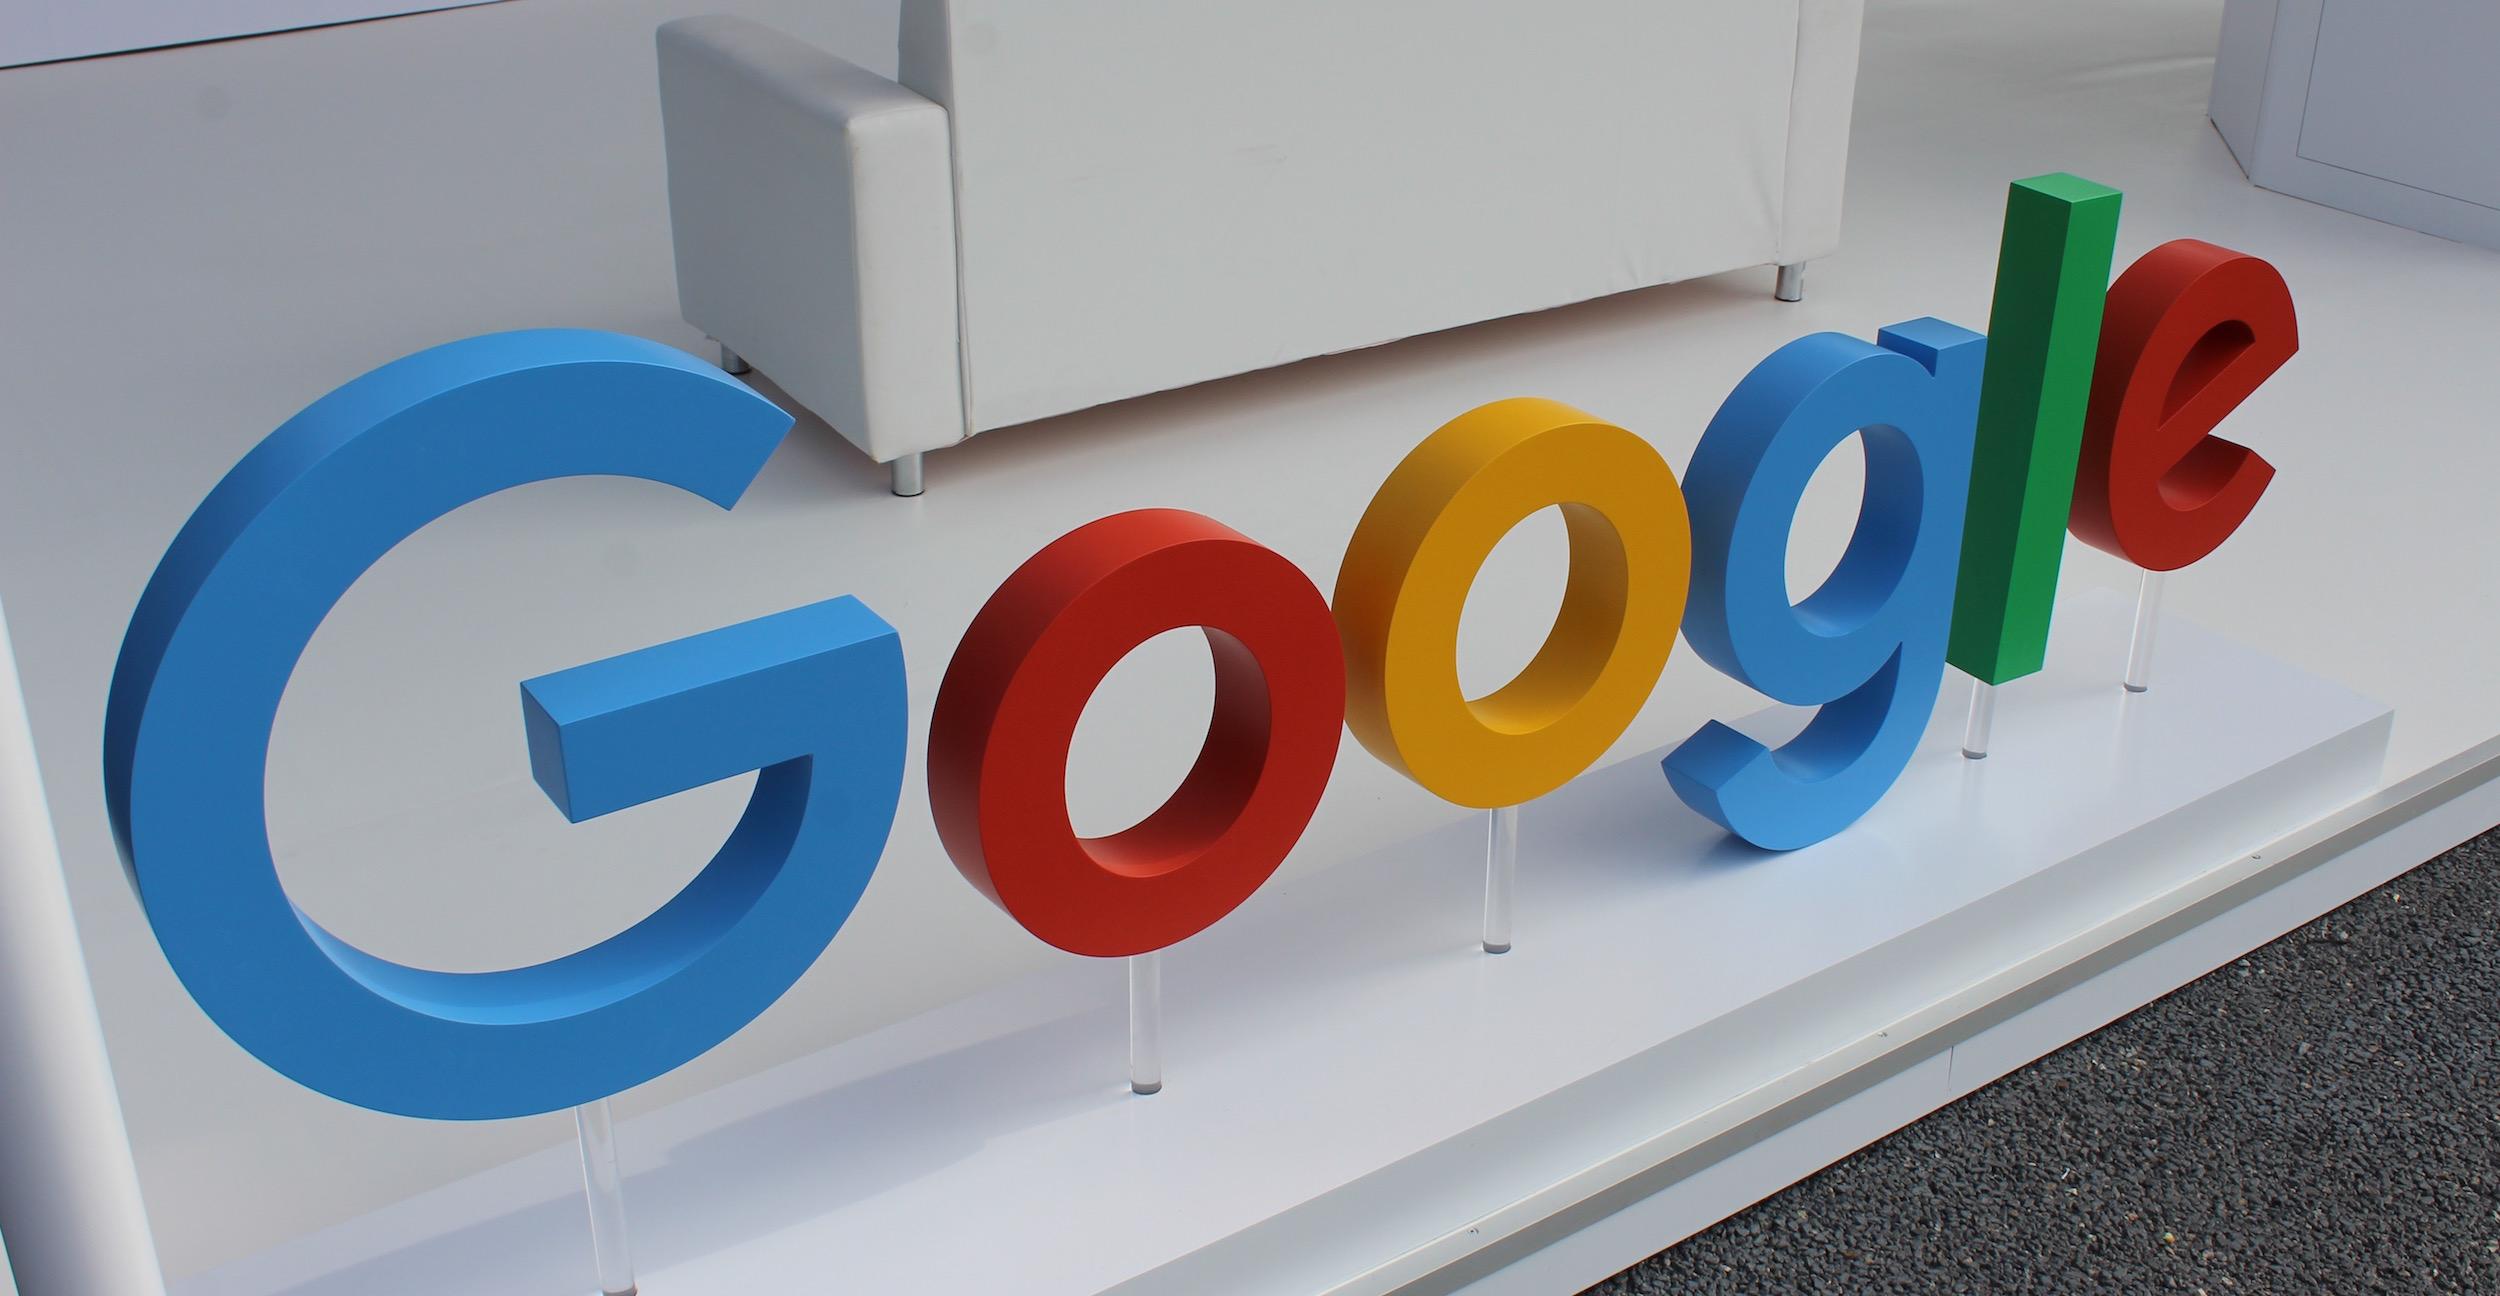 """صورة غوغل تحدث """"دِقة الفيديوهات""""على هواتف الآيفون"""